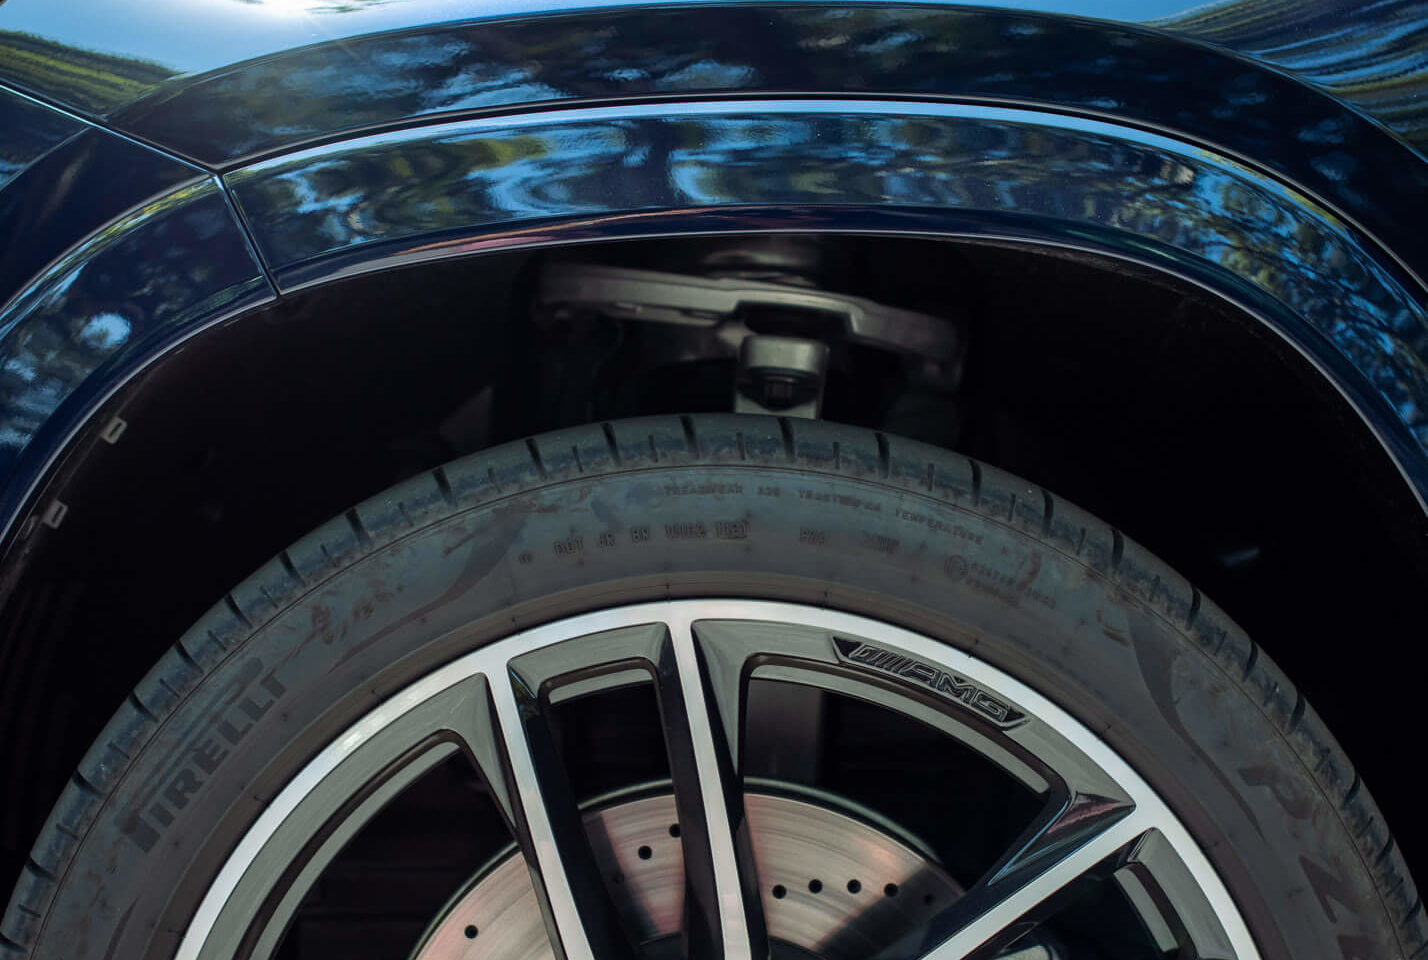 Suspensão pneumática do GLS no seu modo mais alto